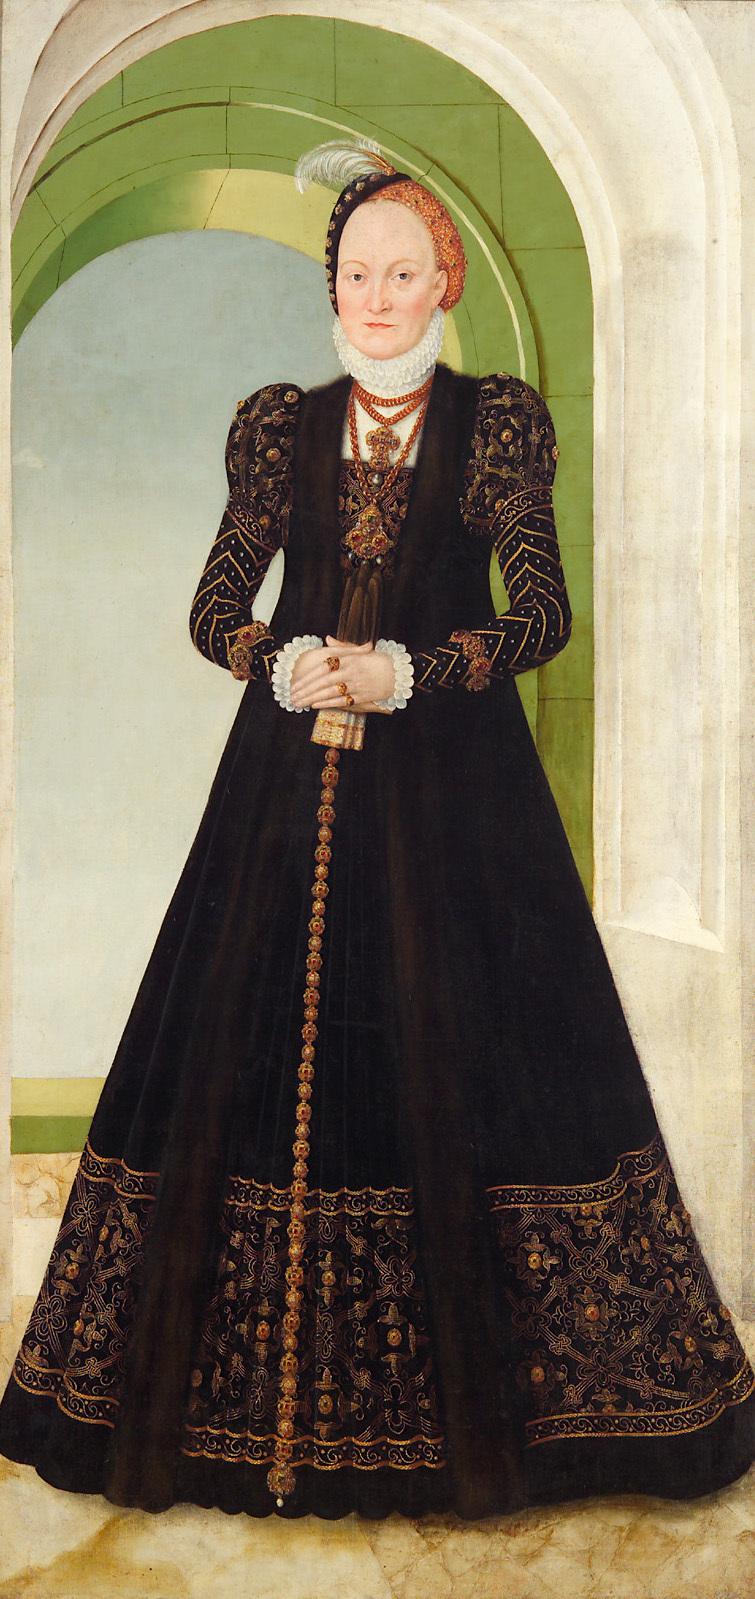 Cranach d.J., Lucas - Anna von Dänemark, Kurfürstin von